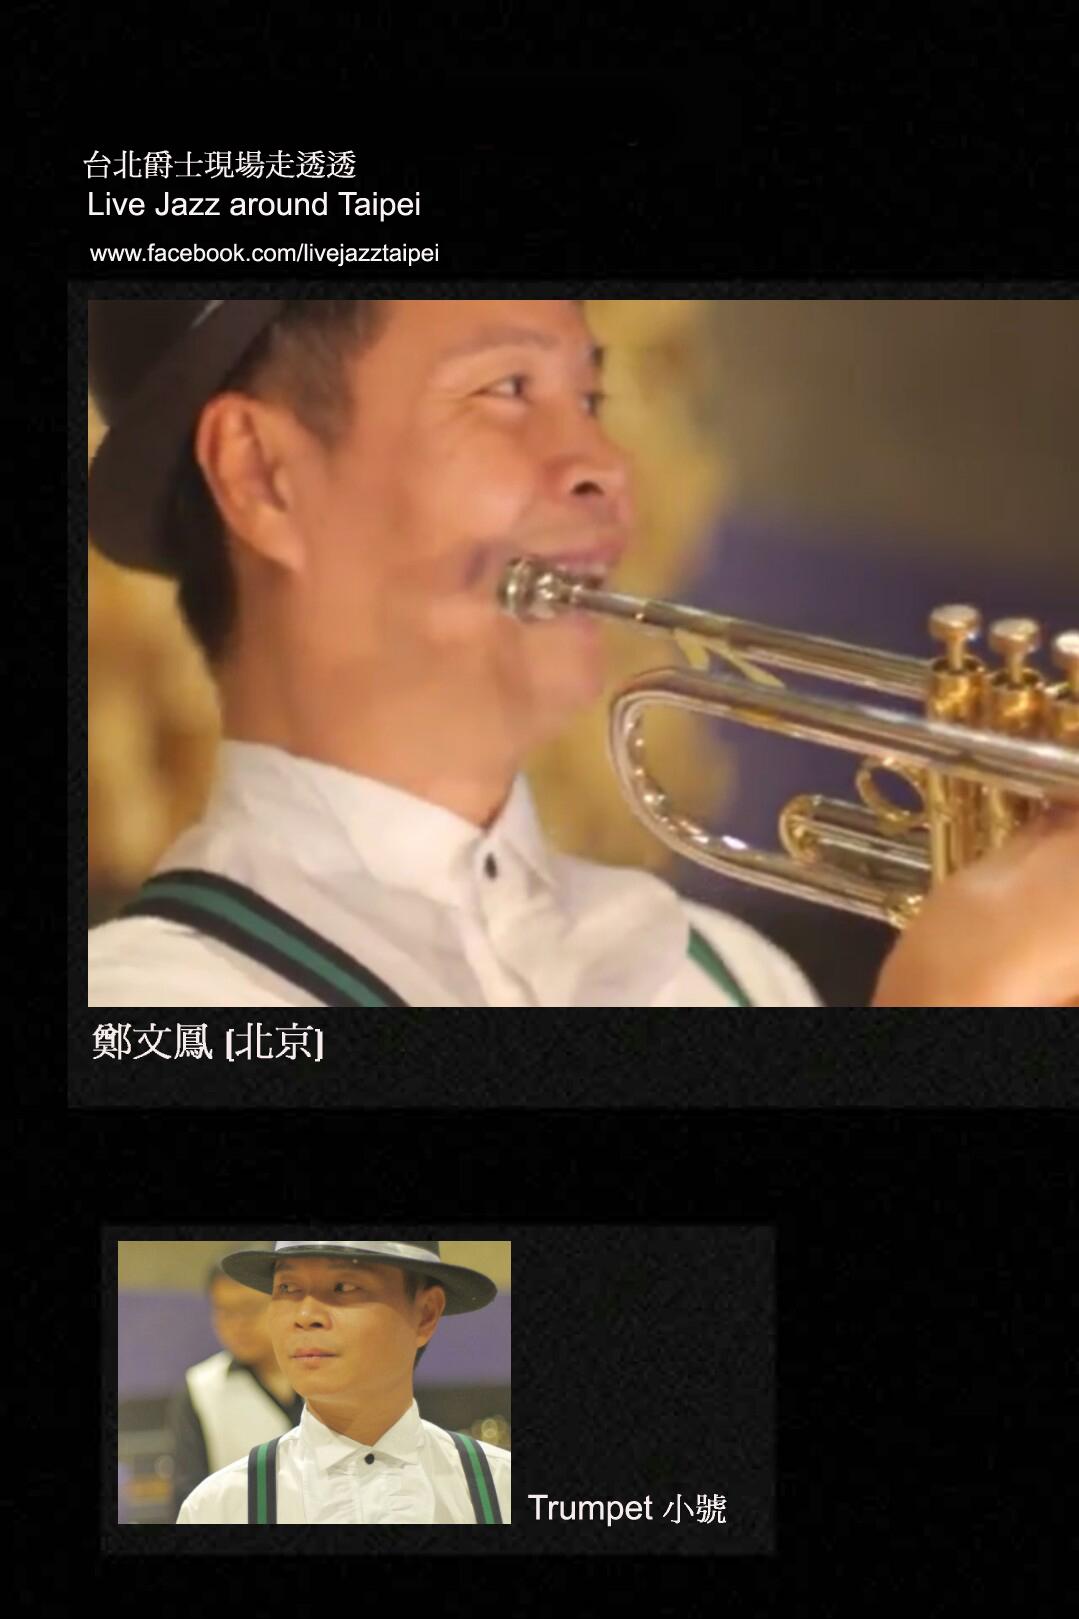 Trumpet-北京